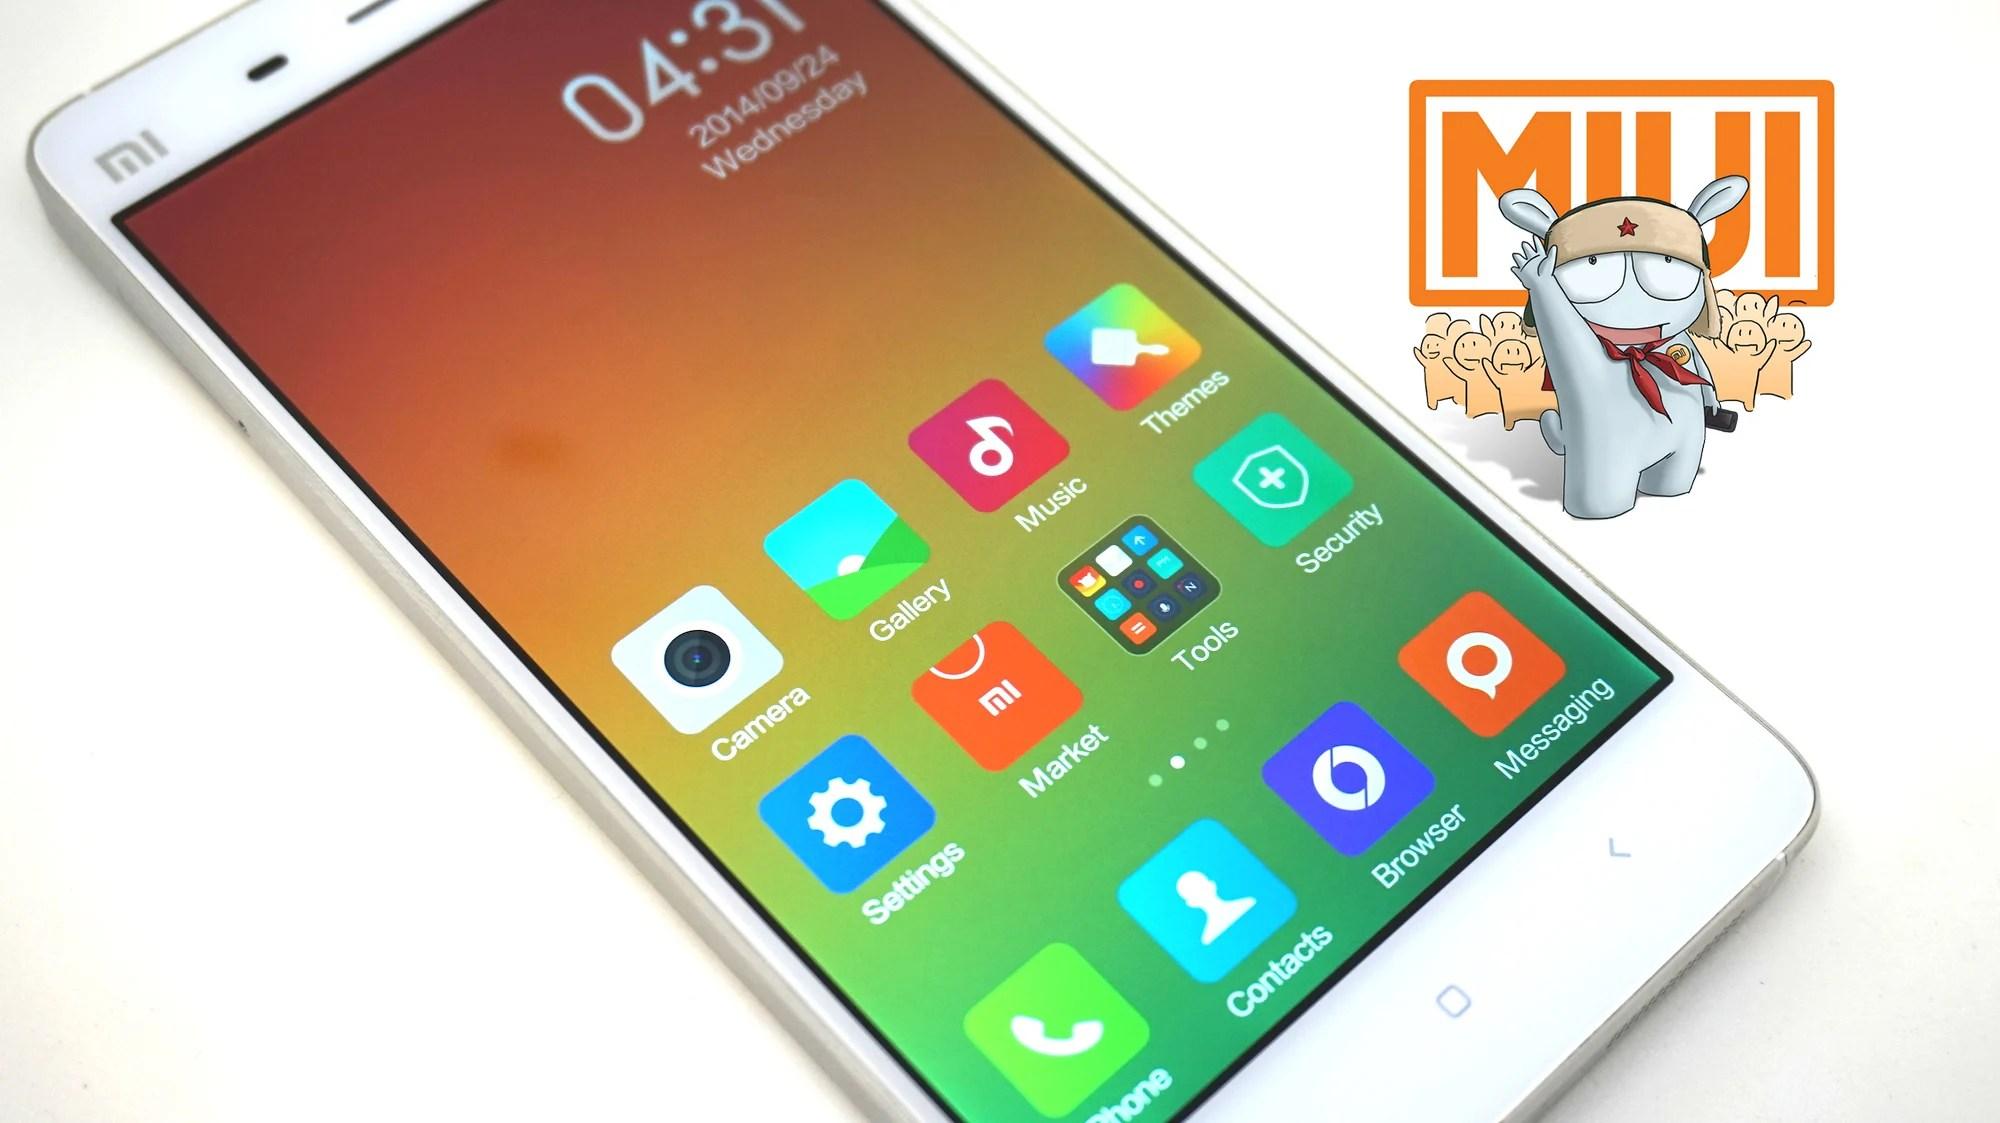 MIUI V6 : une interface taillée pour le Xiaomi Mi4